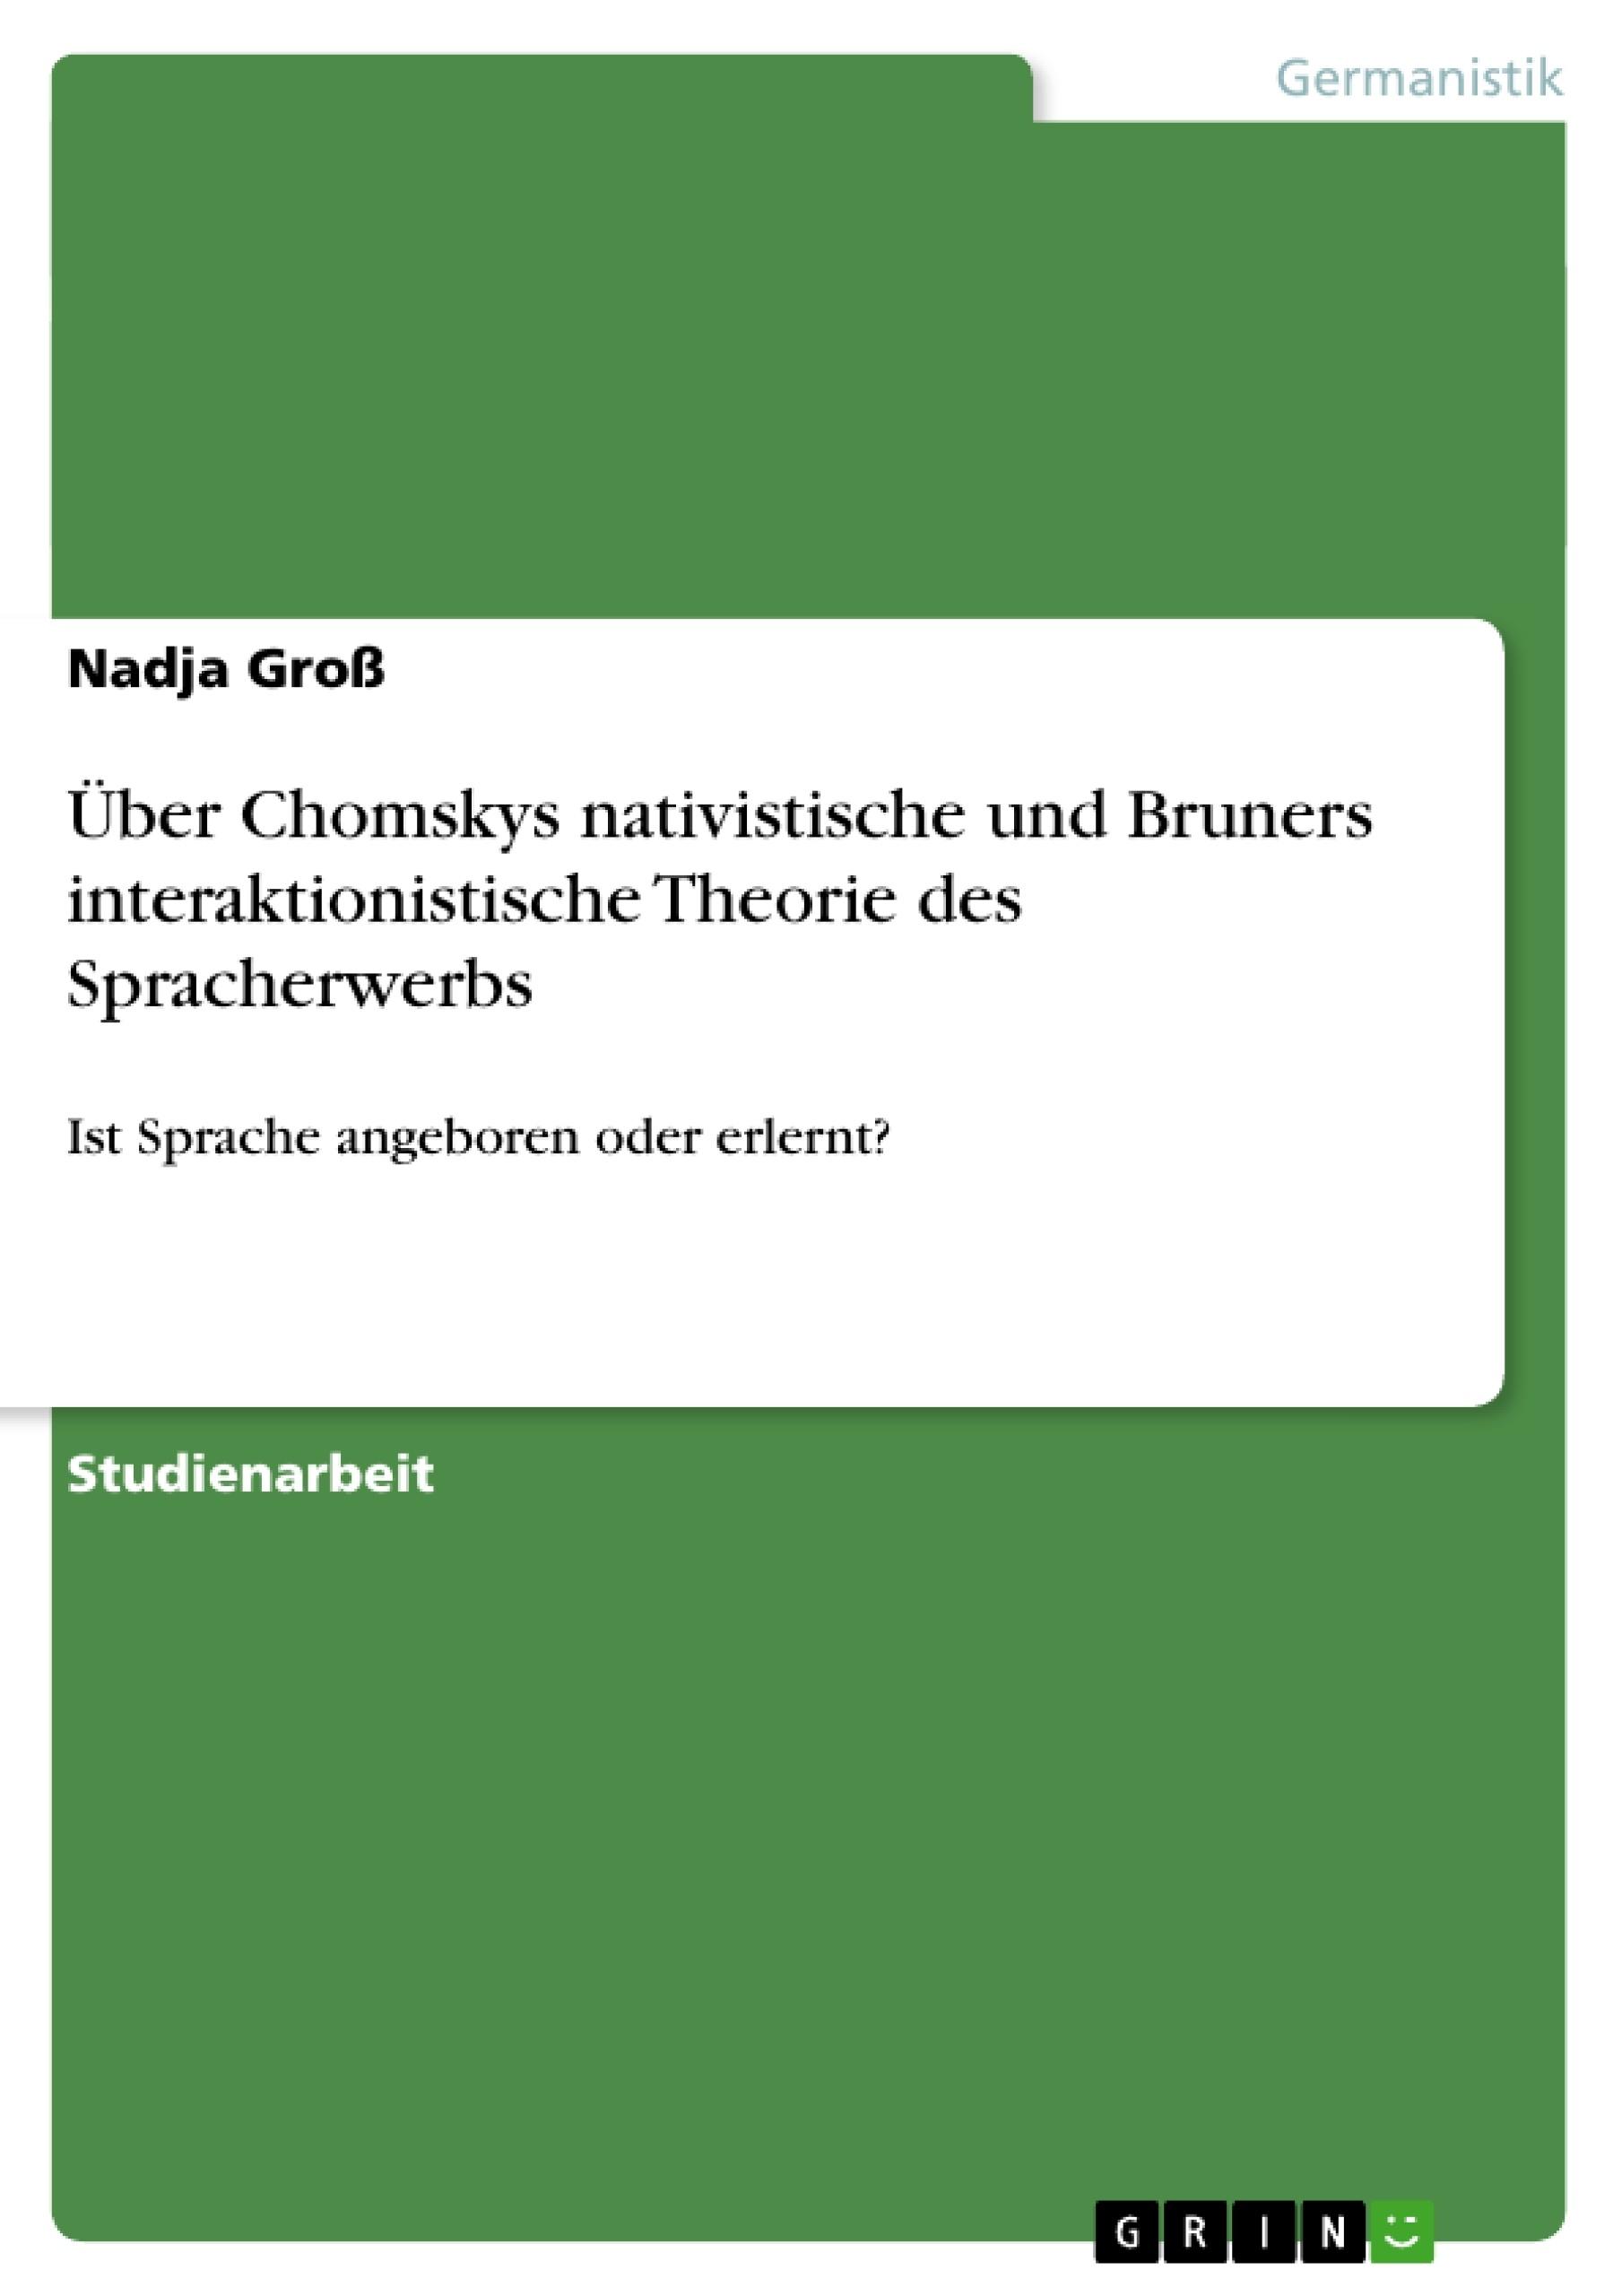 Titel: Über Chomskys nativistische und Bruners interaktionistische Theorie des Spracherwerbs